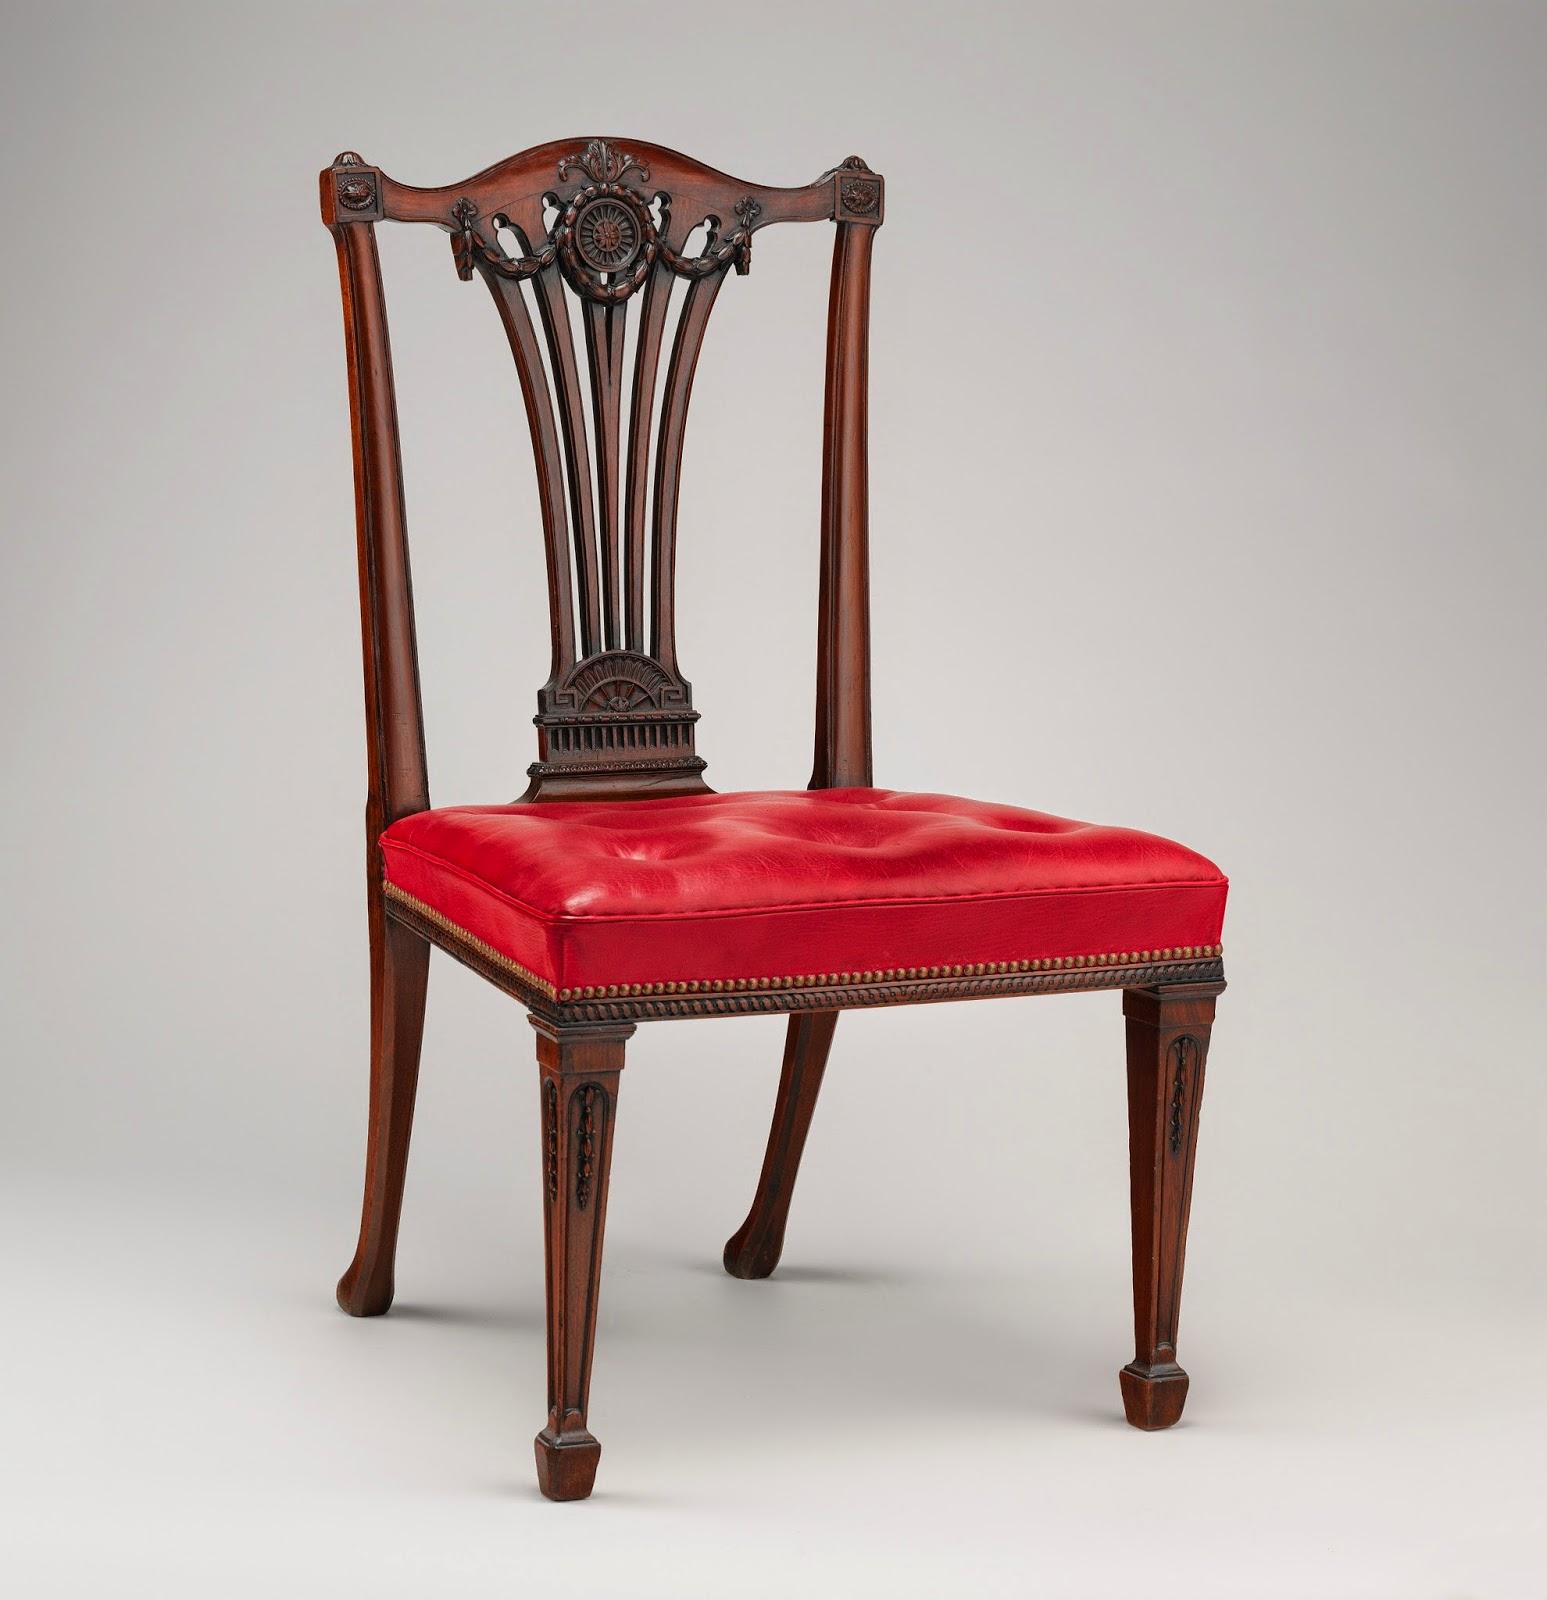 Thomas chippendale silla de comedor art2c - Sillas chippendale ...